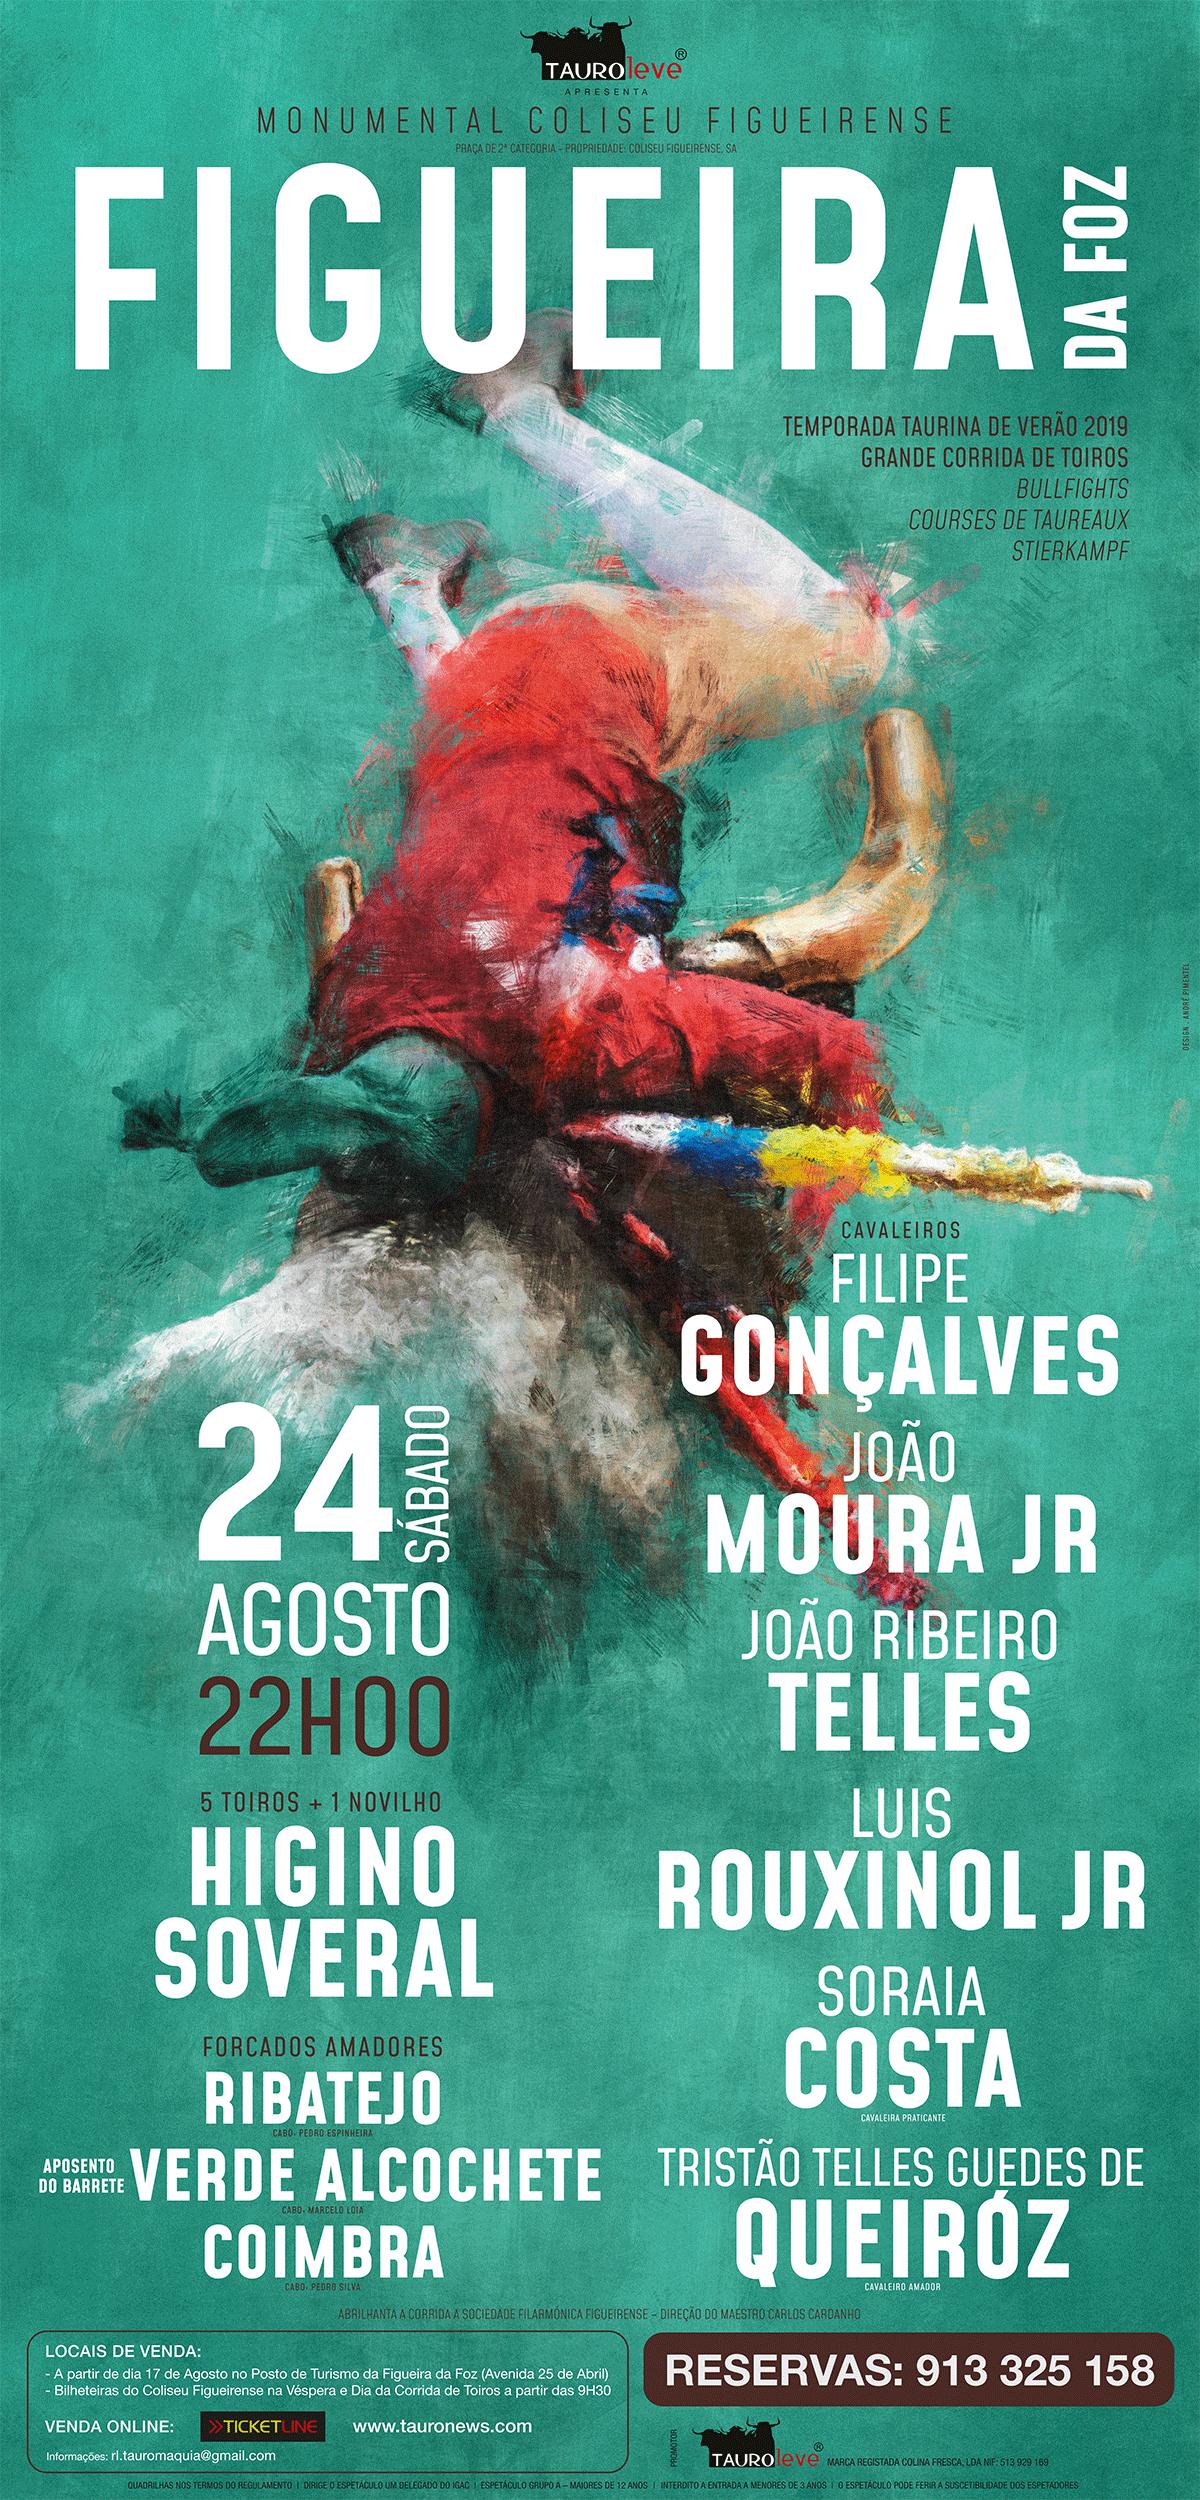 cartaz_redes-sociais_3ª-Corrida-Figueira-da-Foz-2019_98x204-cm